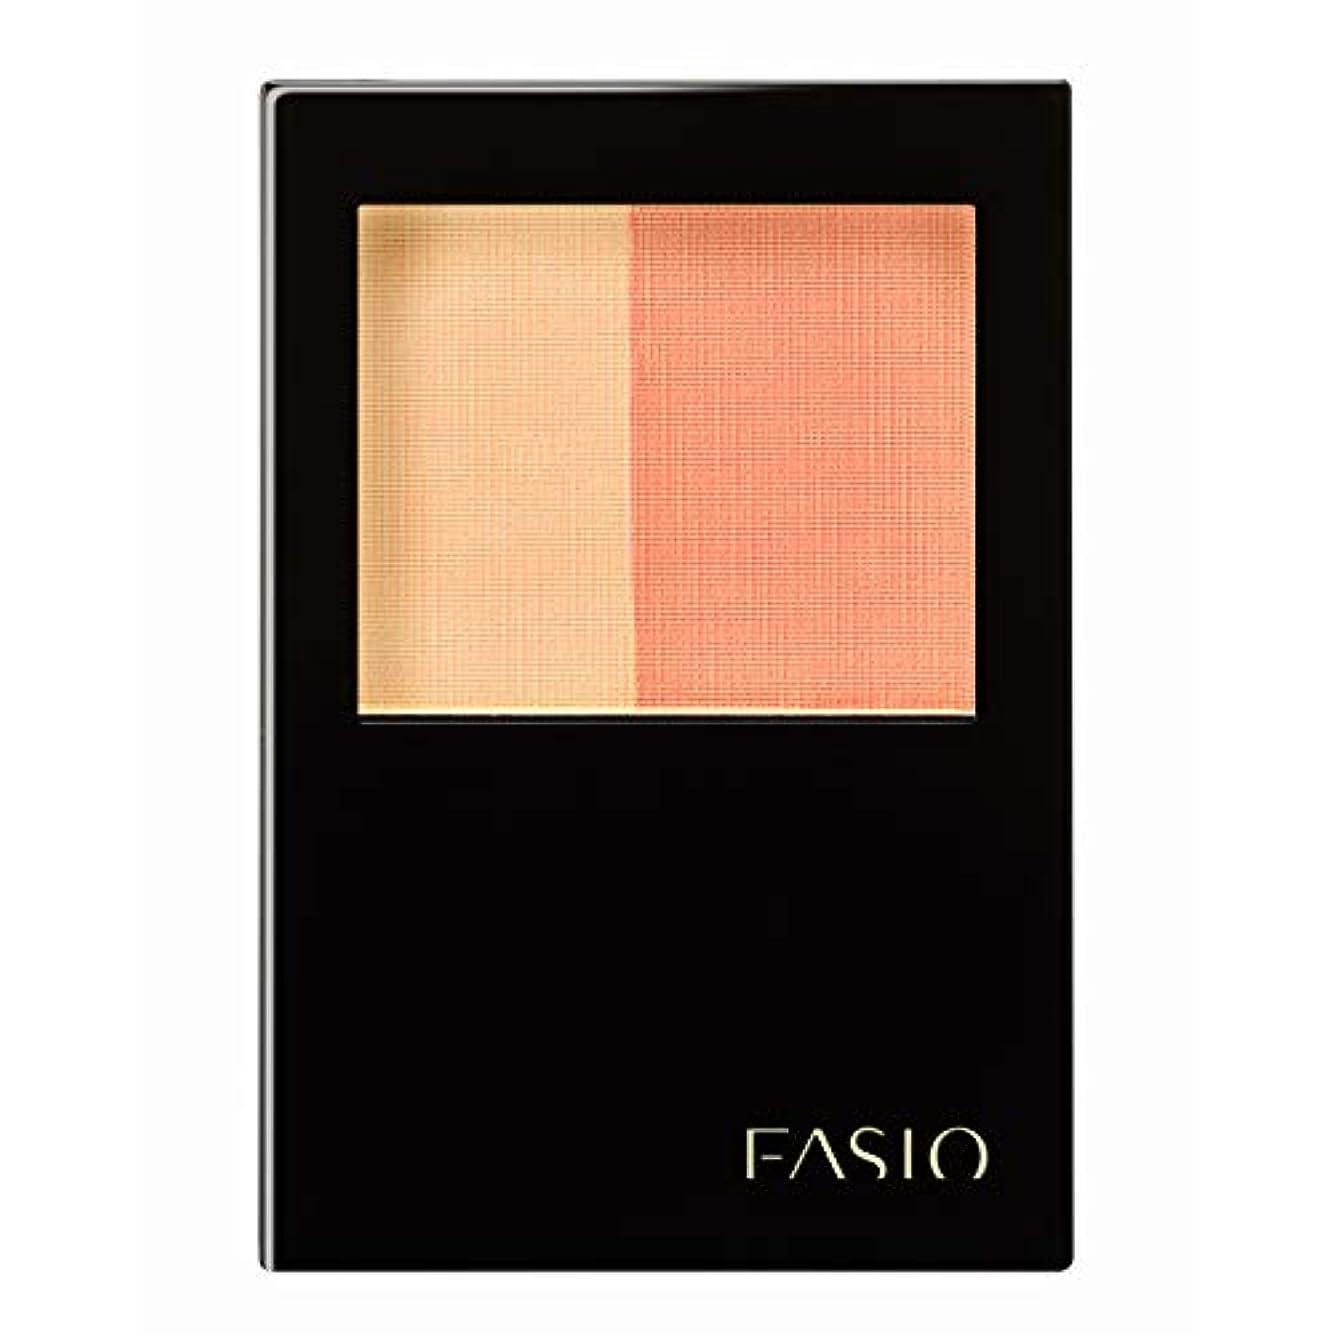 成長する耐えられないラッシュファシオ ウォータープルーフ チーク オレンジ系 OR-1 4.5g